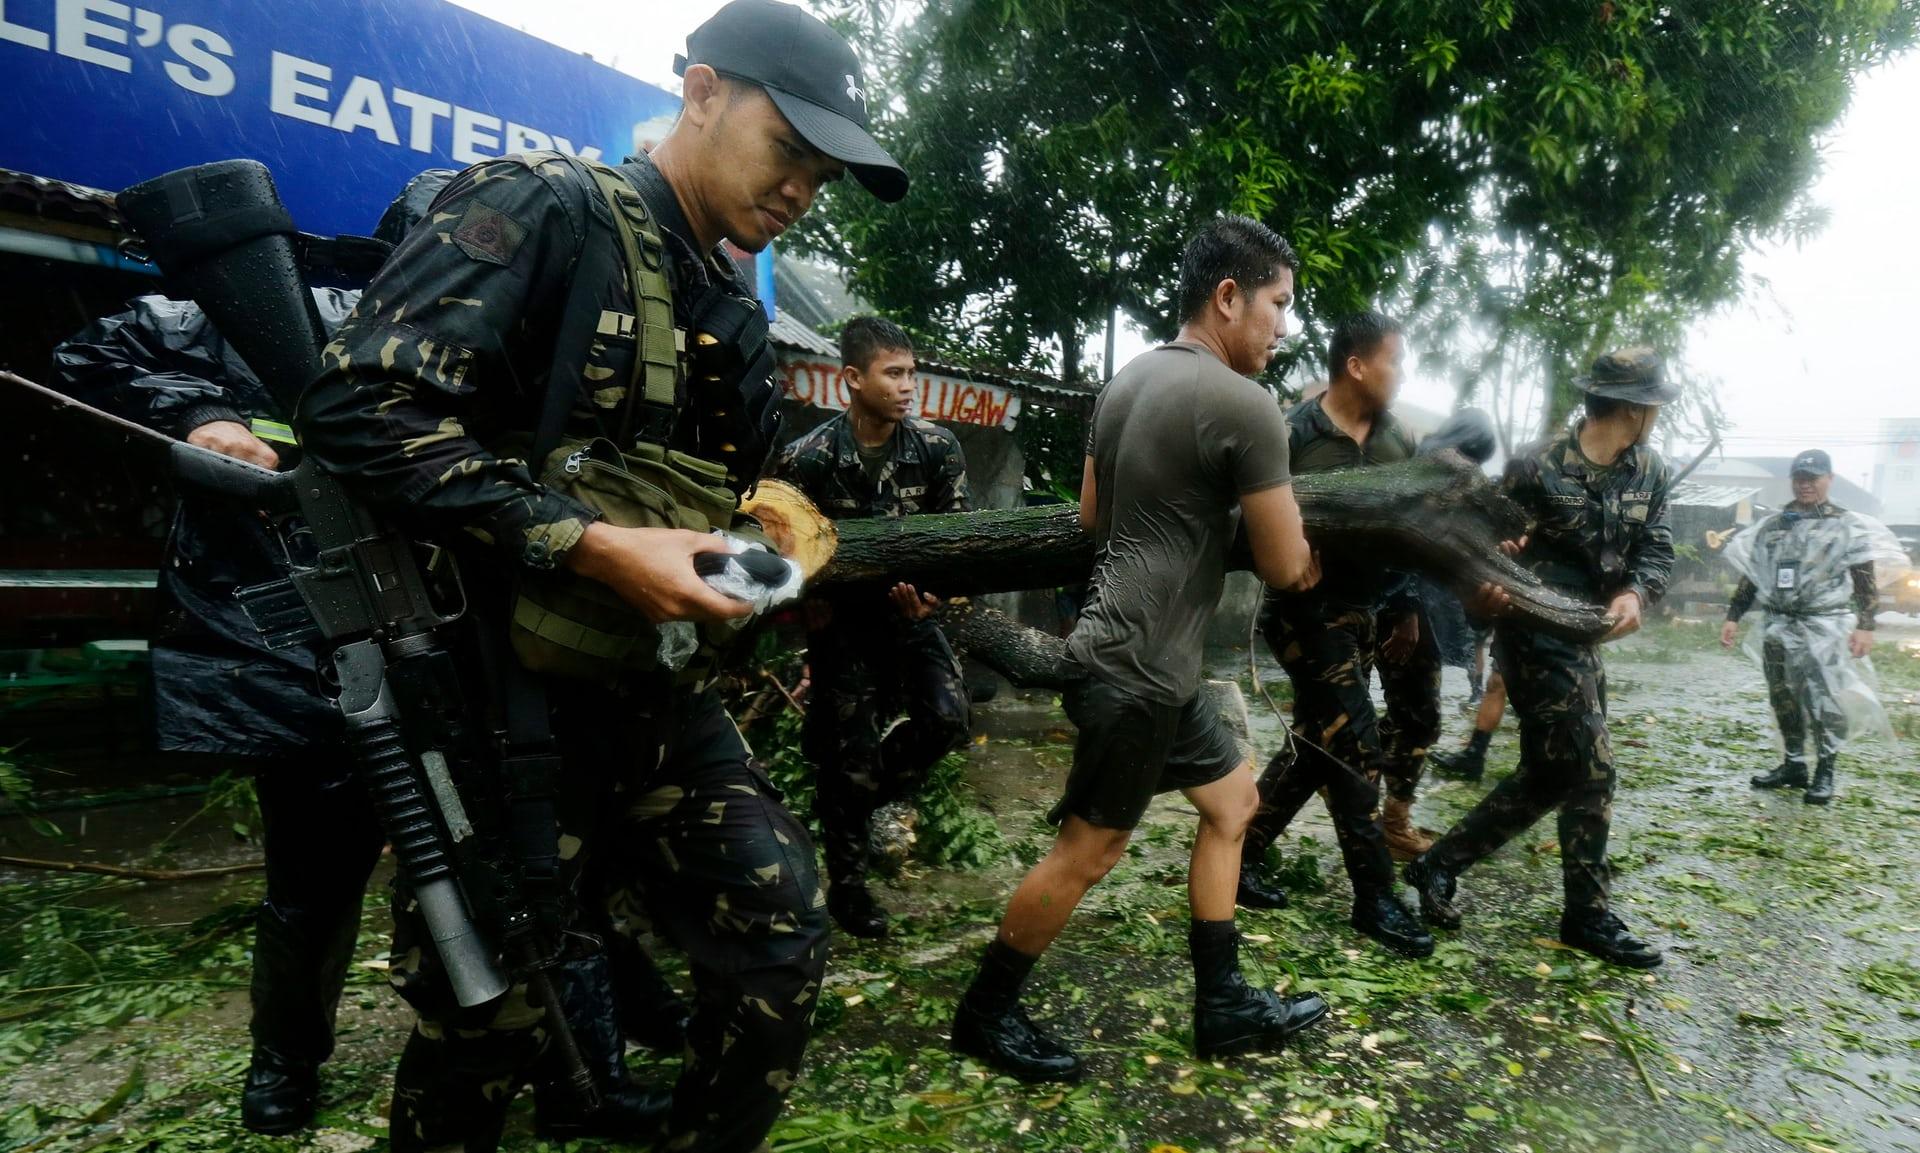 200 قتيل جراء عاصفة الفيليبين وضحايا في حريق في مركز تجاري1